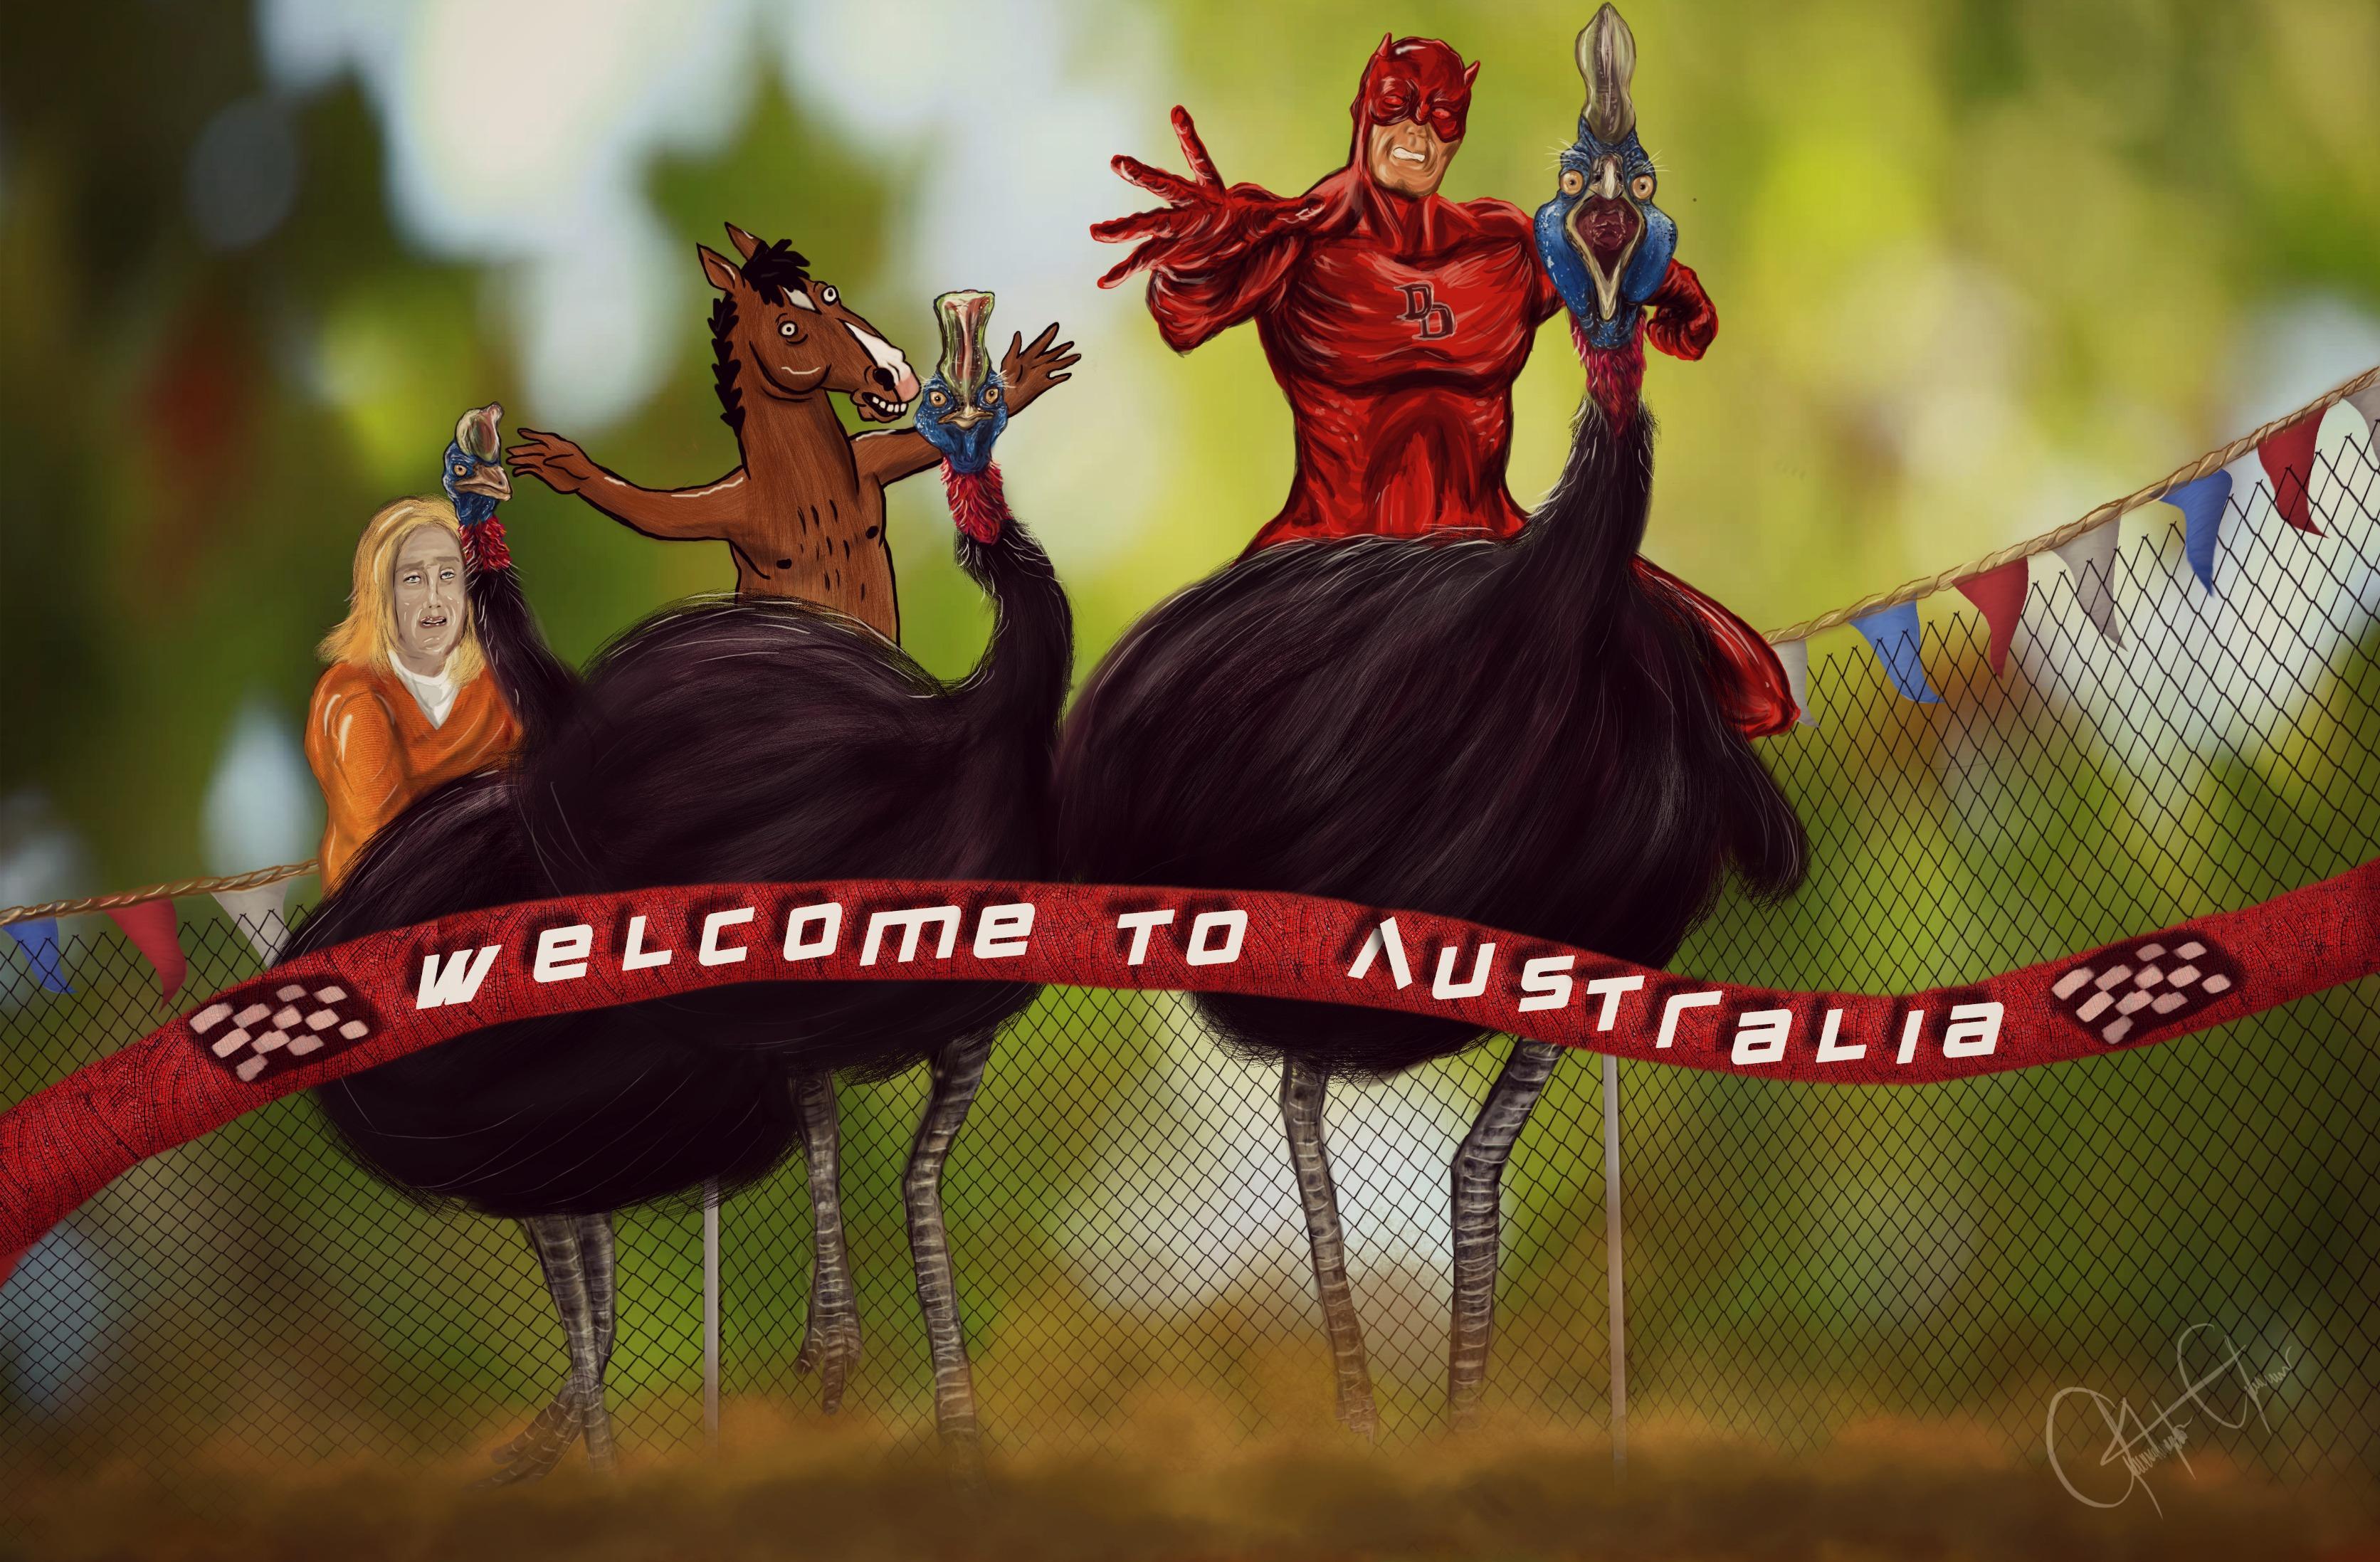 Rushing to Australia